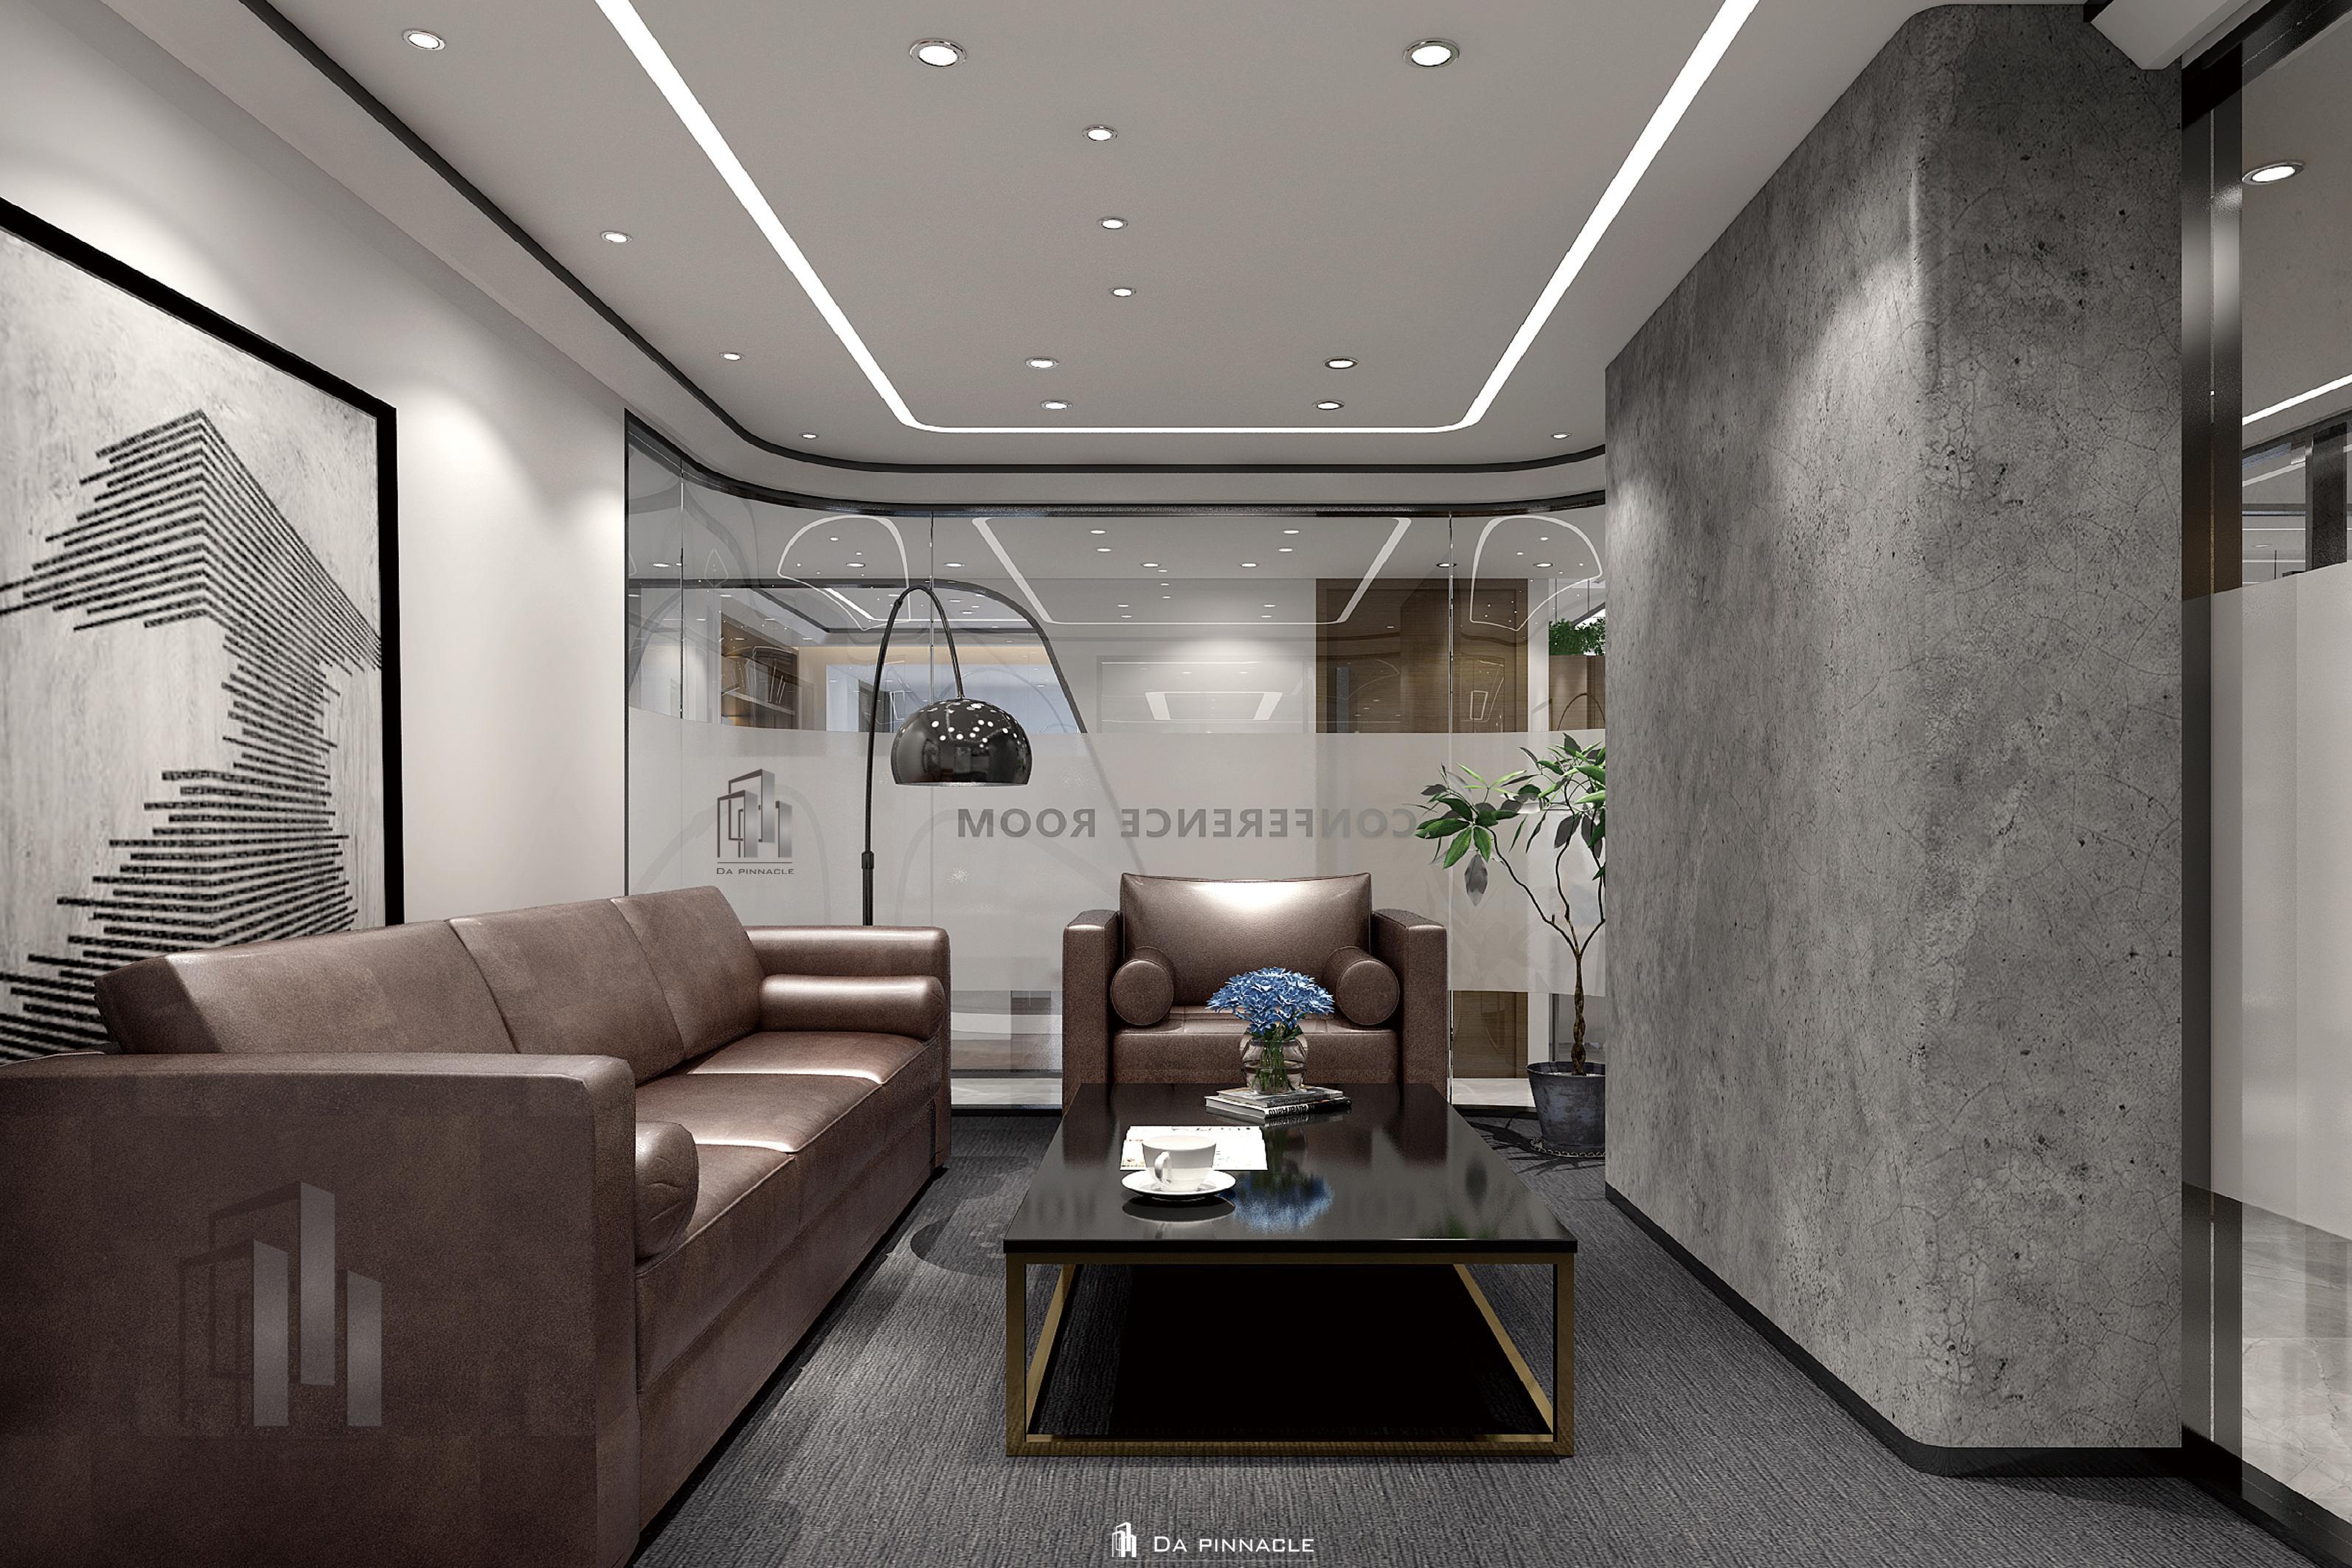 秦耀律师事务所办公室装修设计